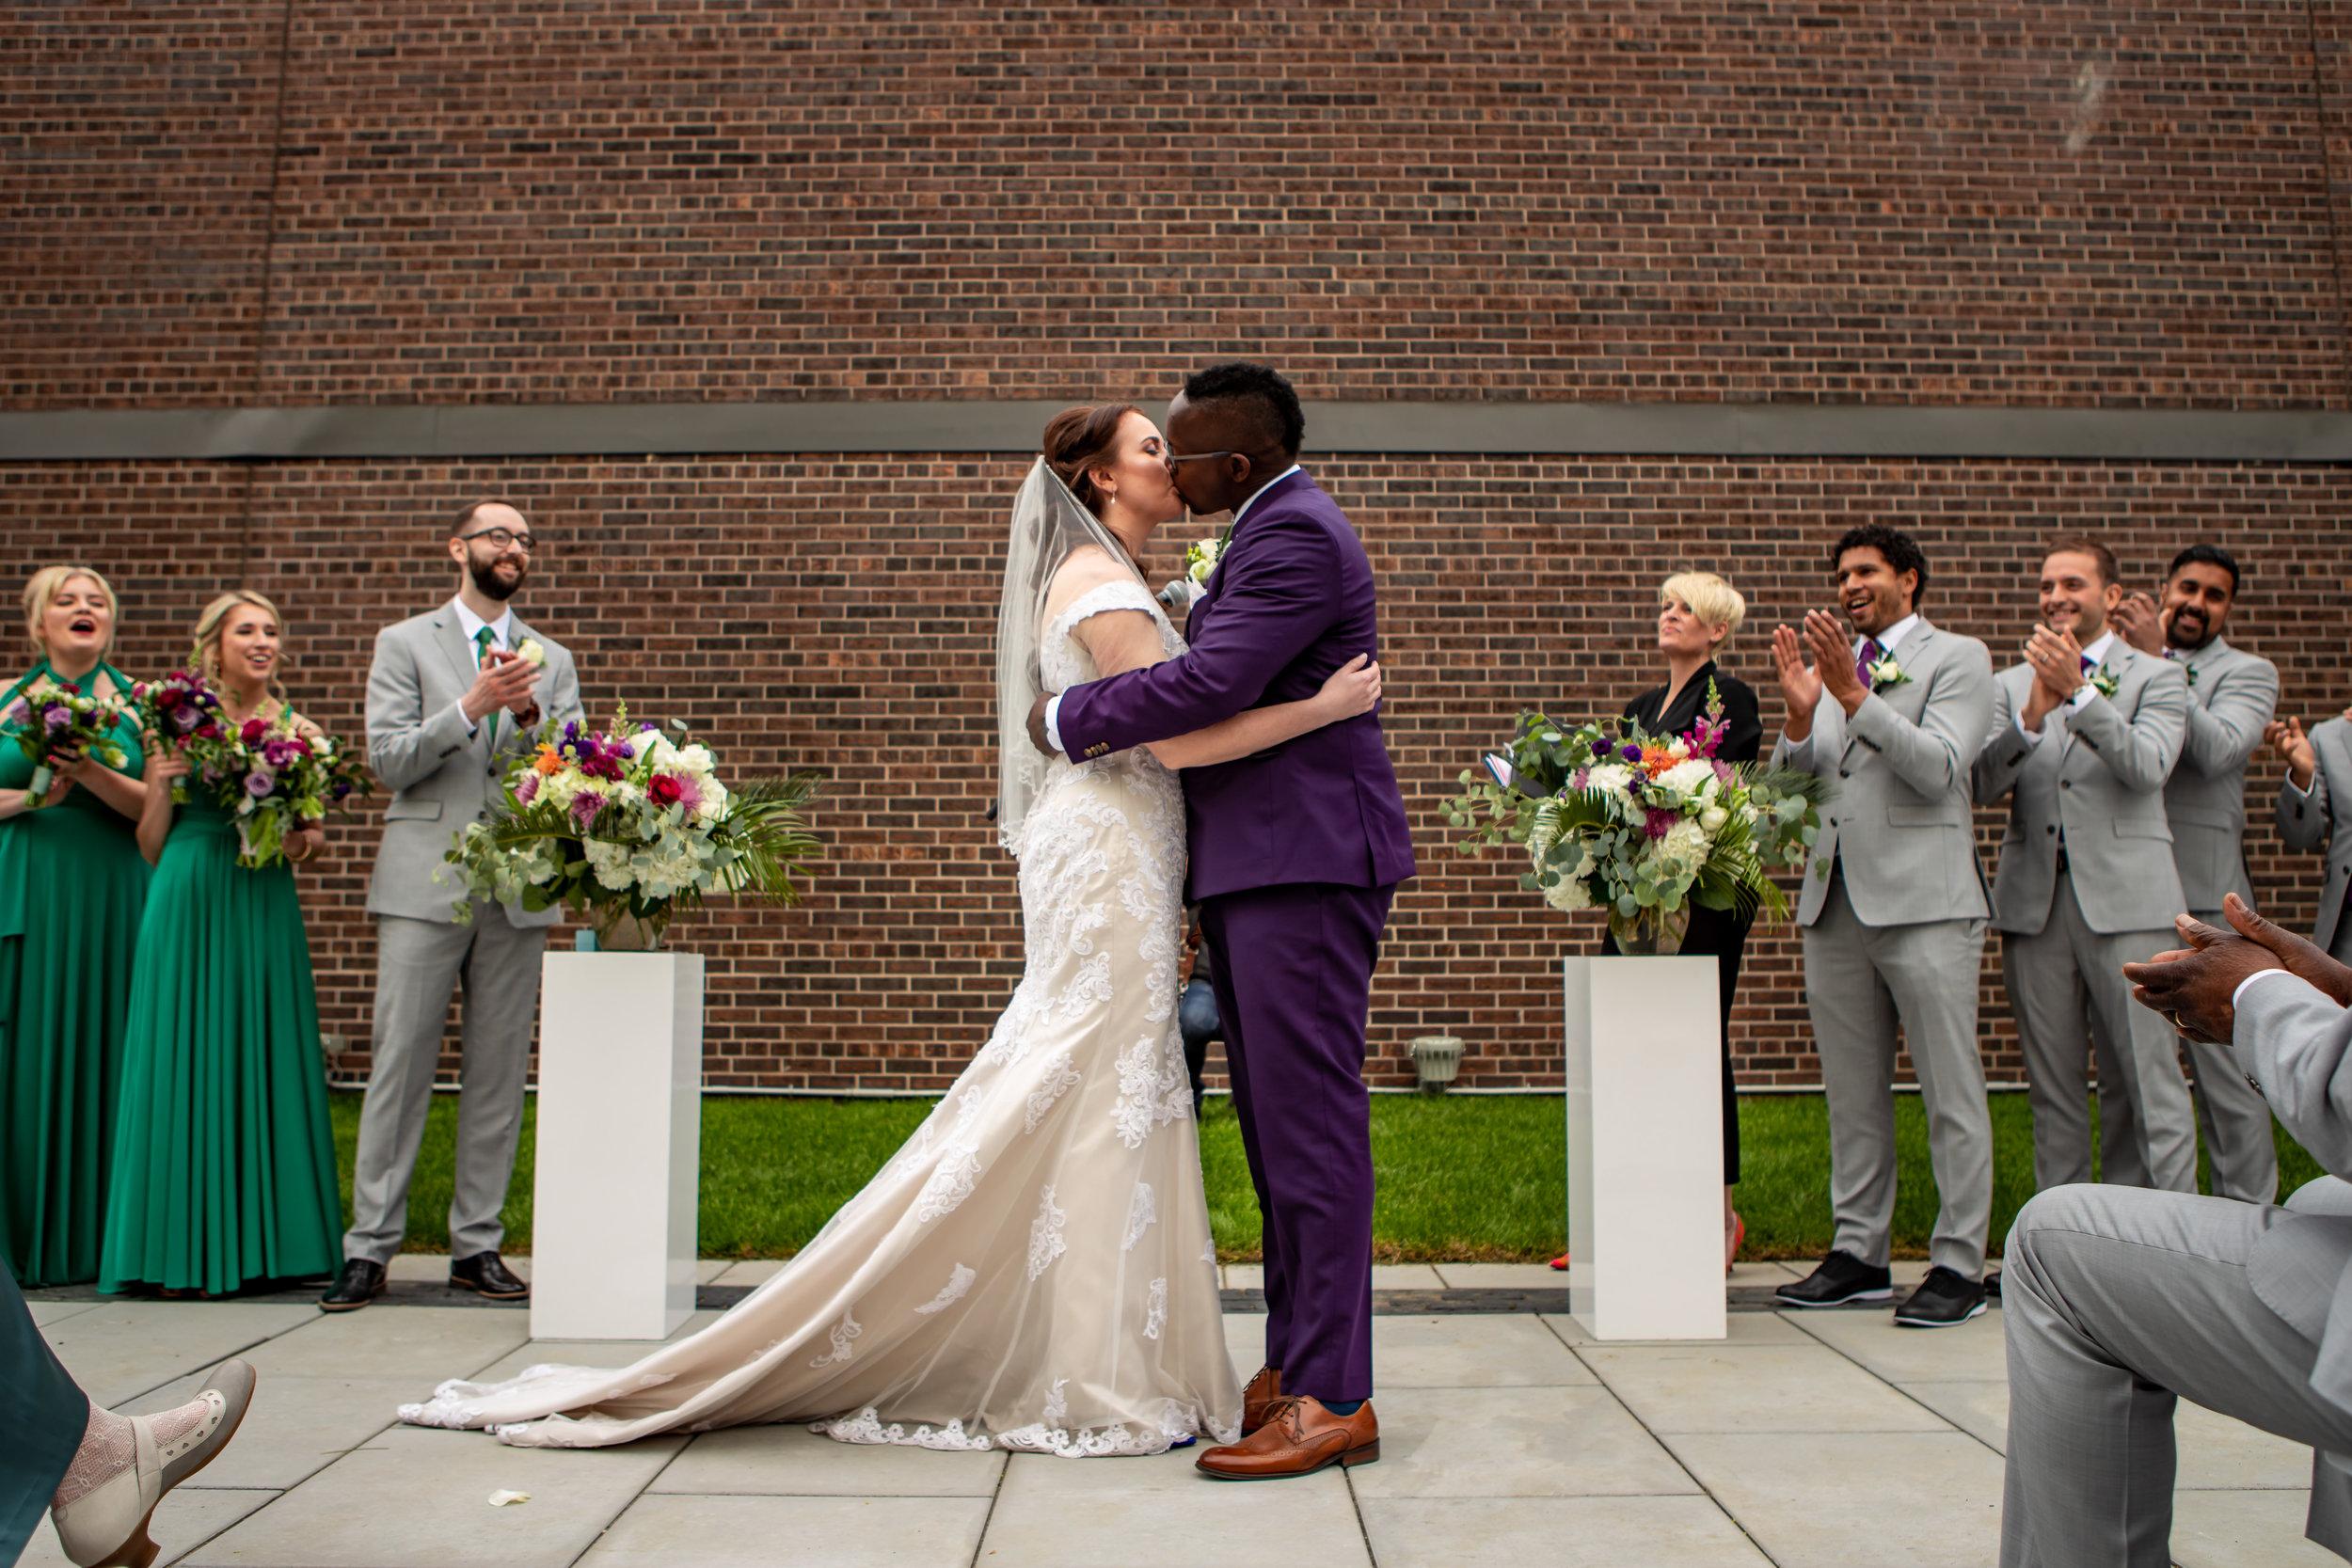 YMG-wedding-photos-51.jpg